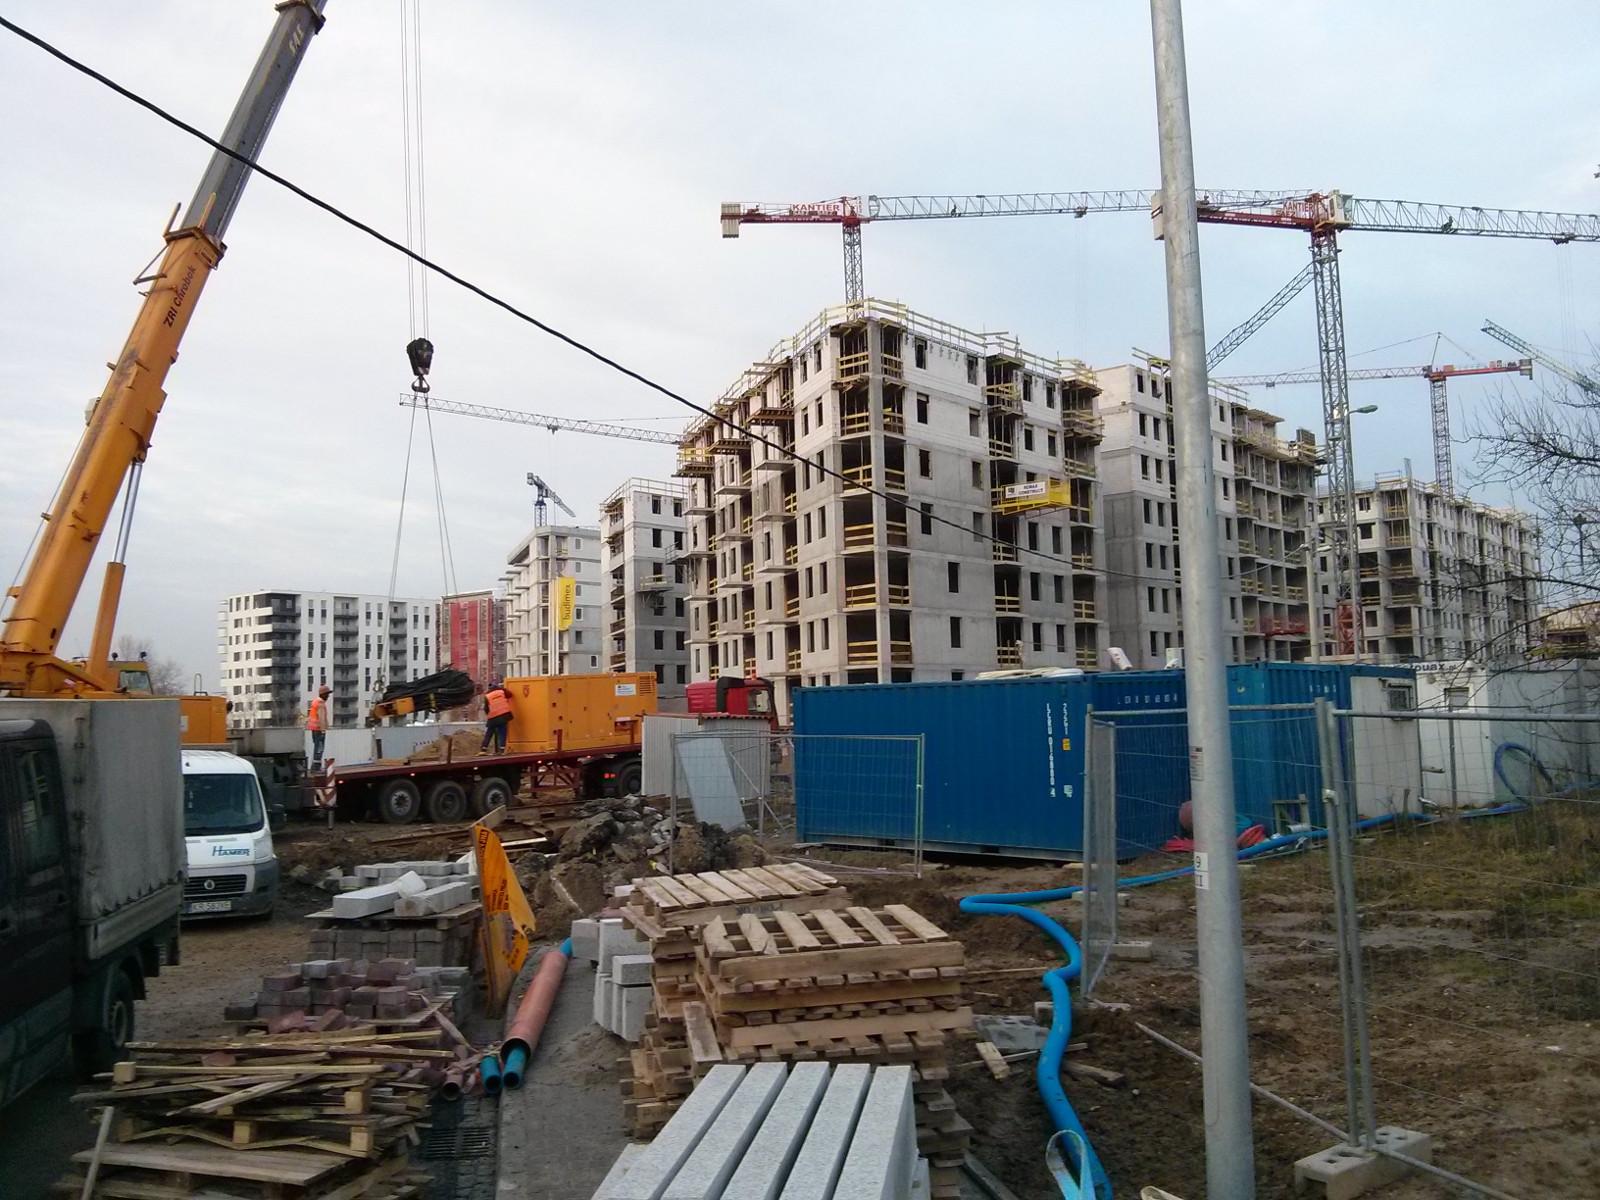 Budowa osiedla Orlińskiego 12 w Krakowie - tanie mieszkania w Czyżynach Budimex